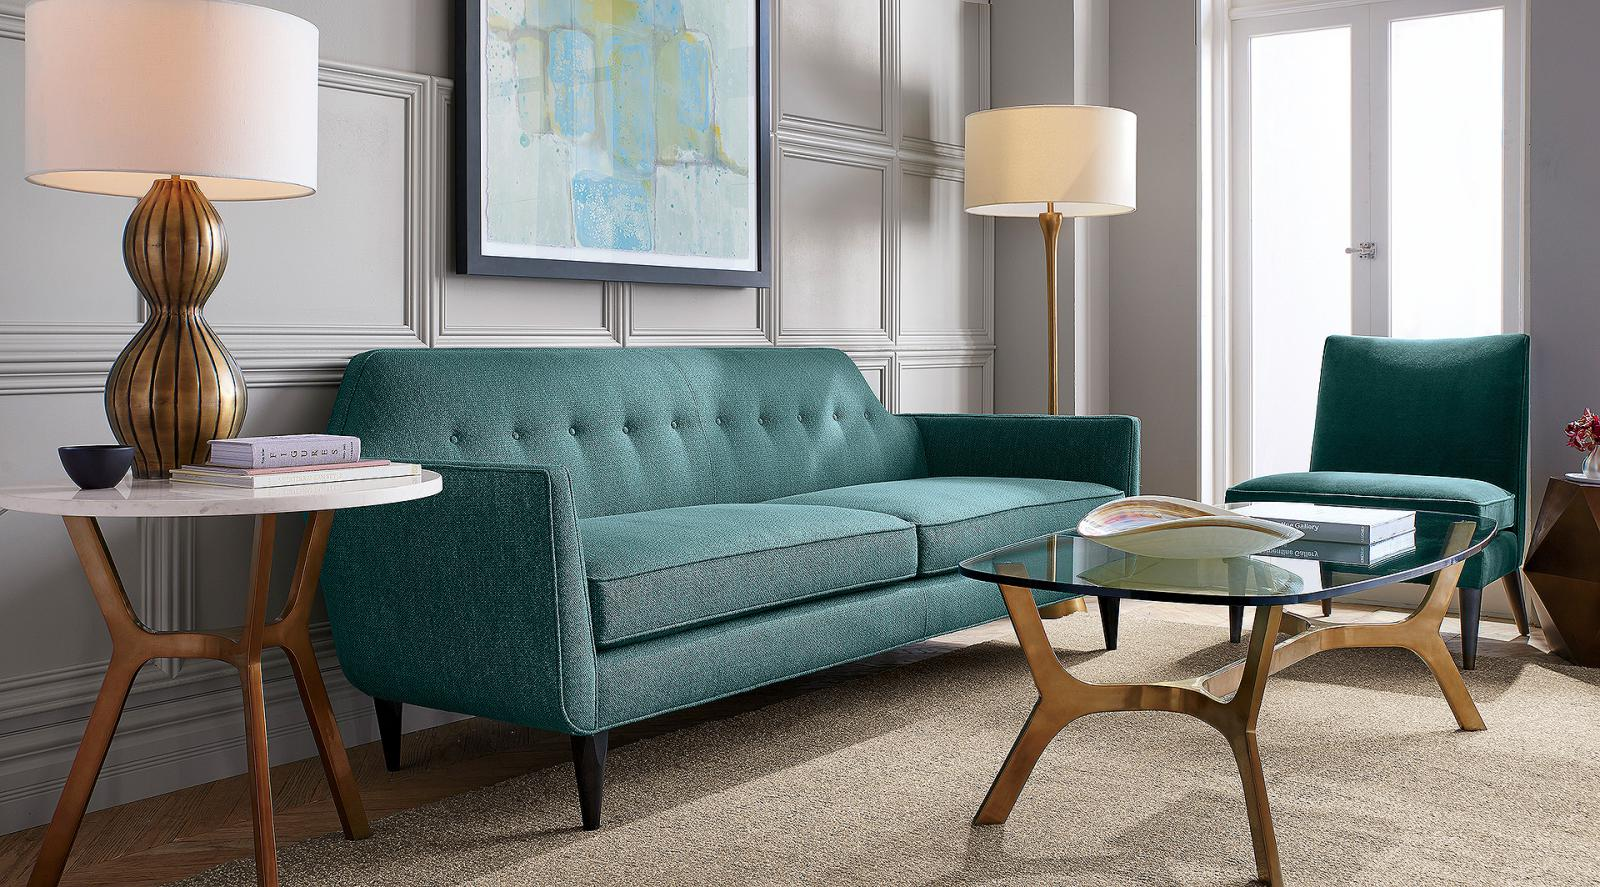 мебель от знакомая марка